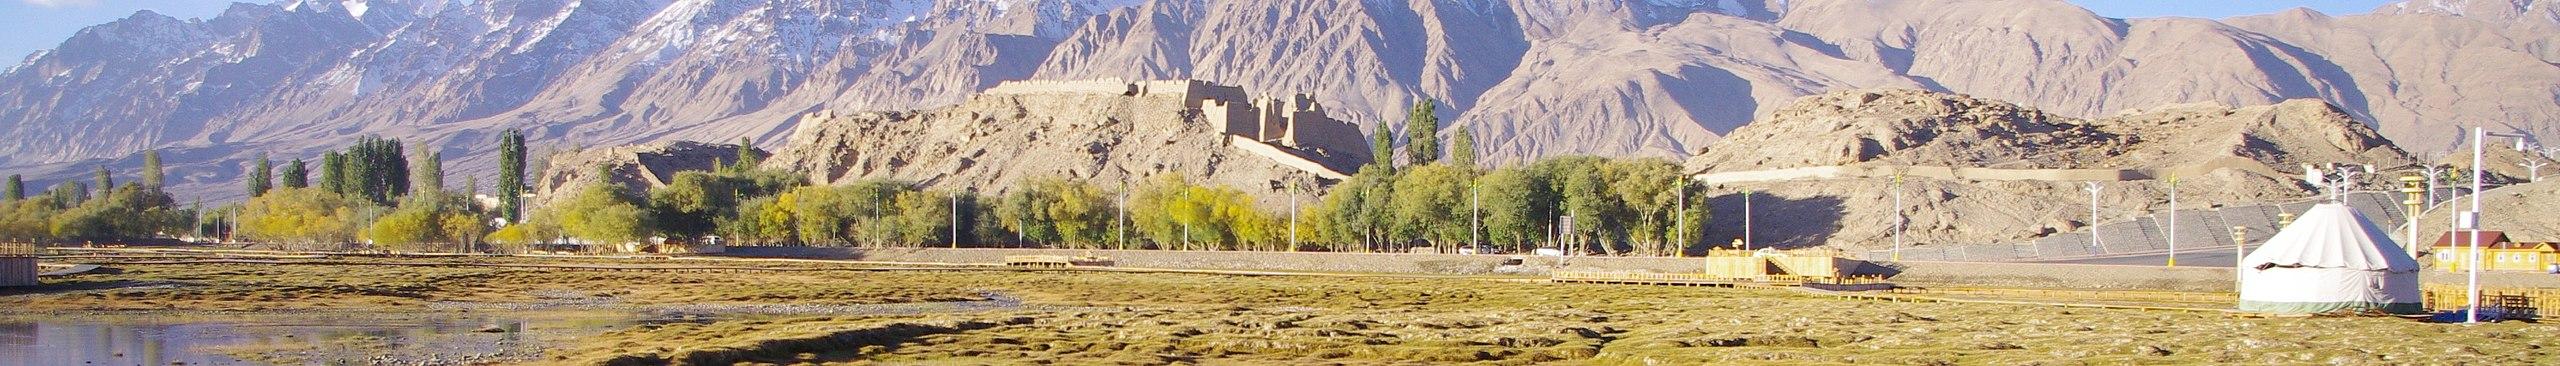 Tashkurgan Travel Guide At Wikivoyage